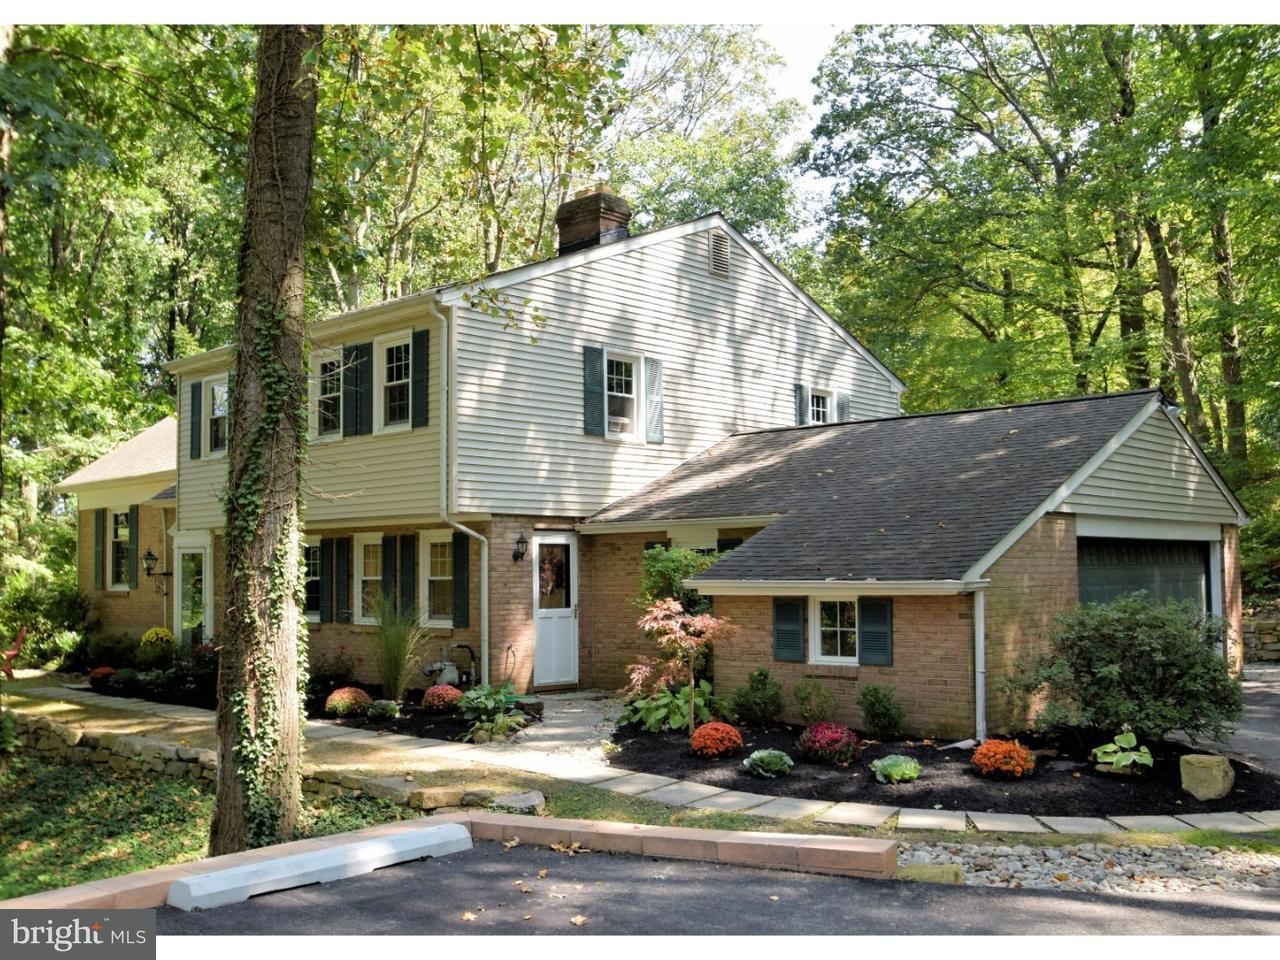 Maison unifamiliale pour l Vente à 1750 ROCK HILL Lane Phoenixville, Pennsylvanie 19460 États-Unis